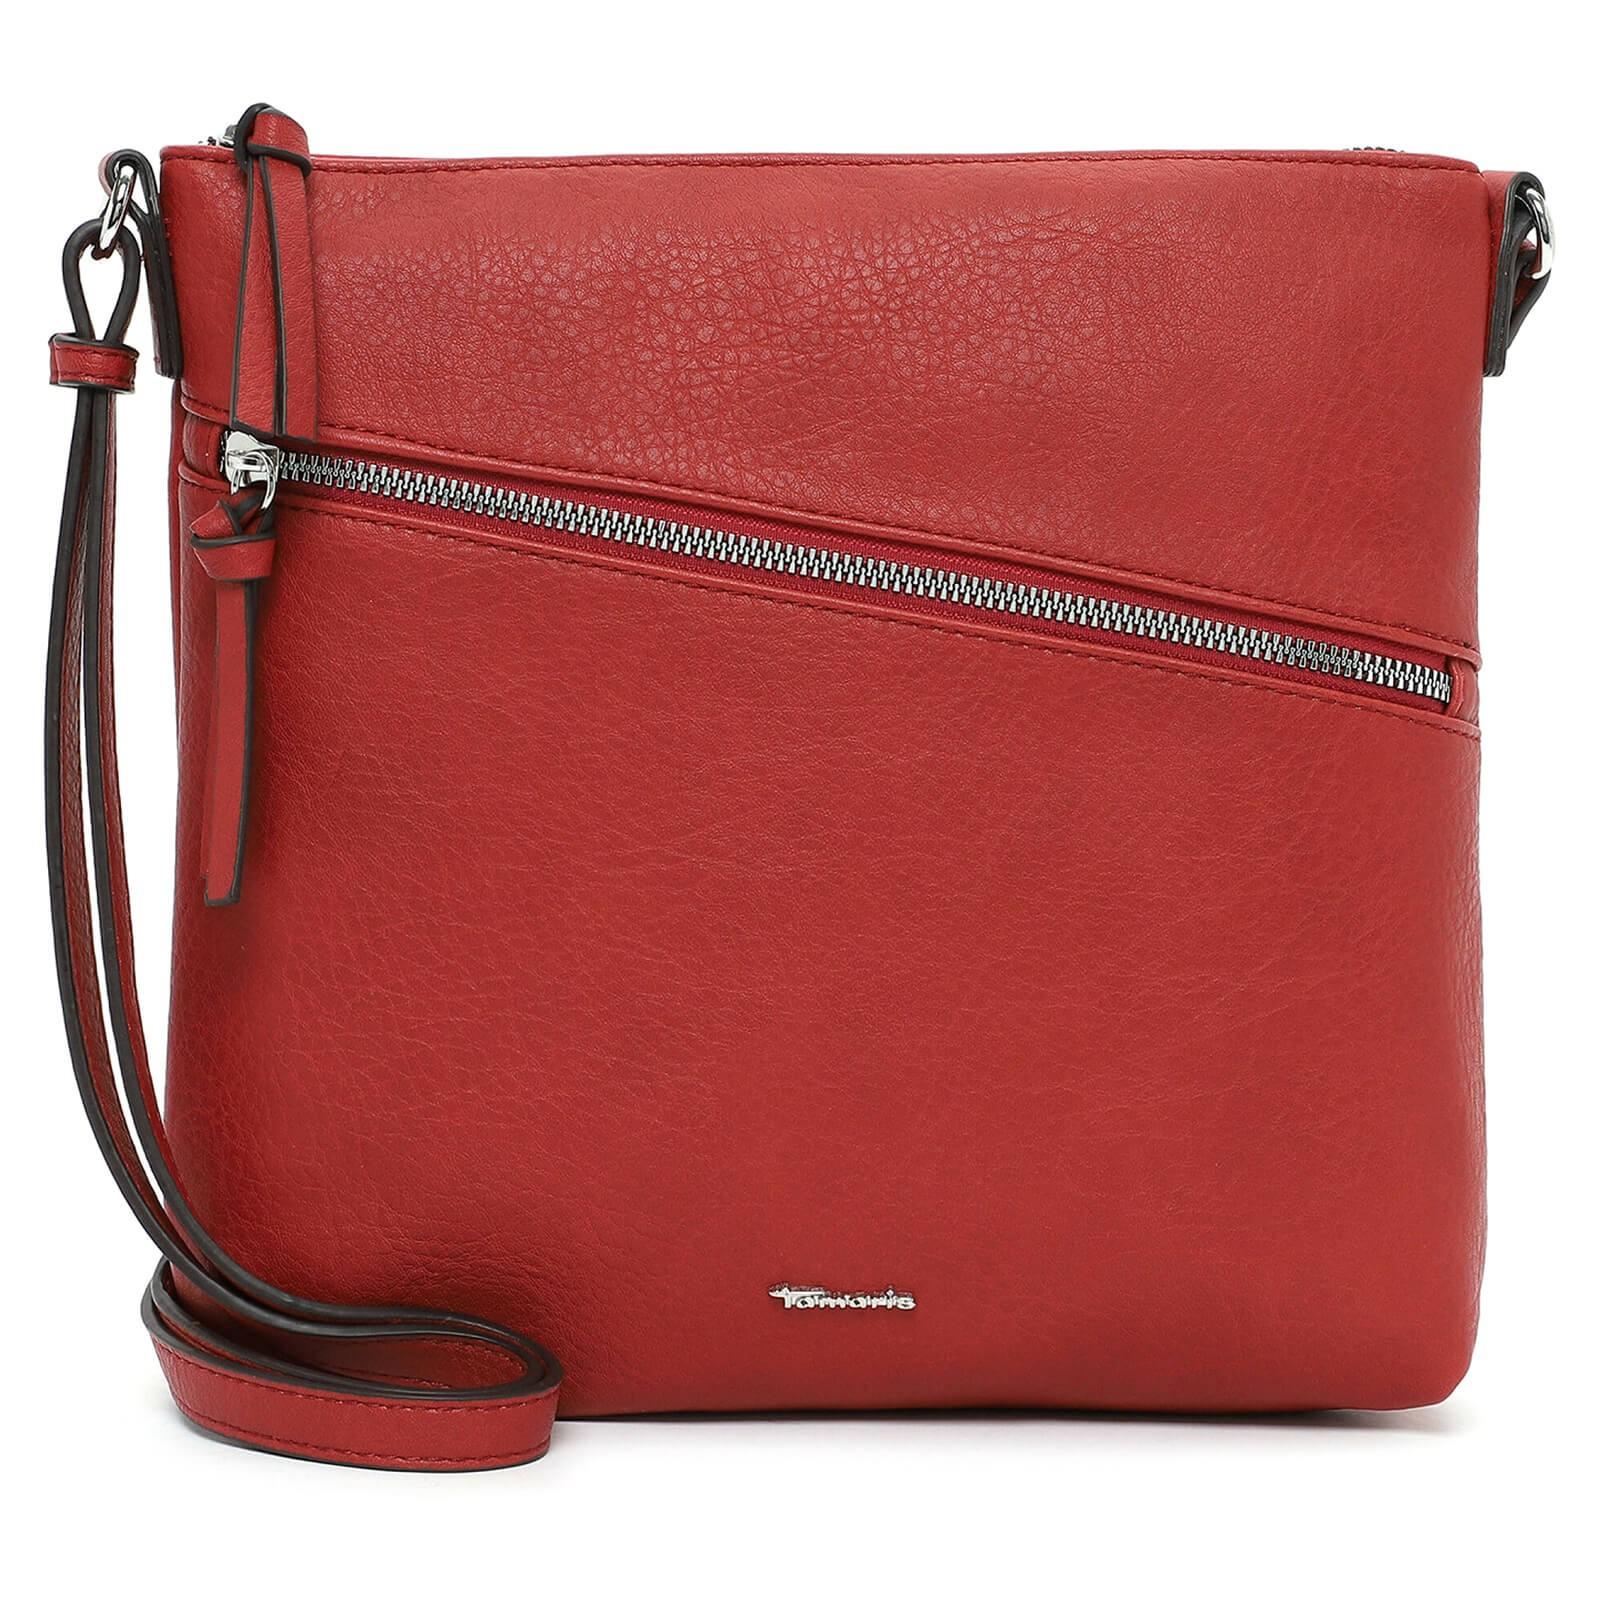 Dámska crossbody kabelka Tamaris Tecla - červená